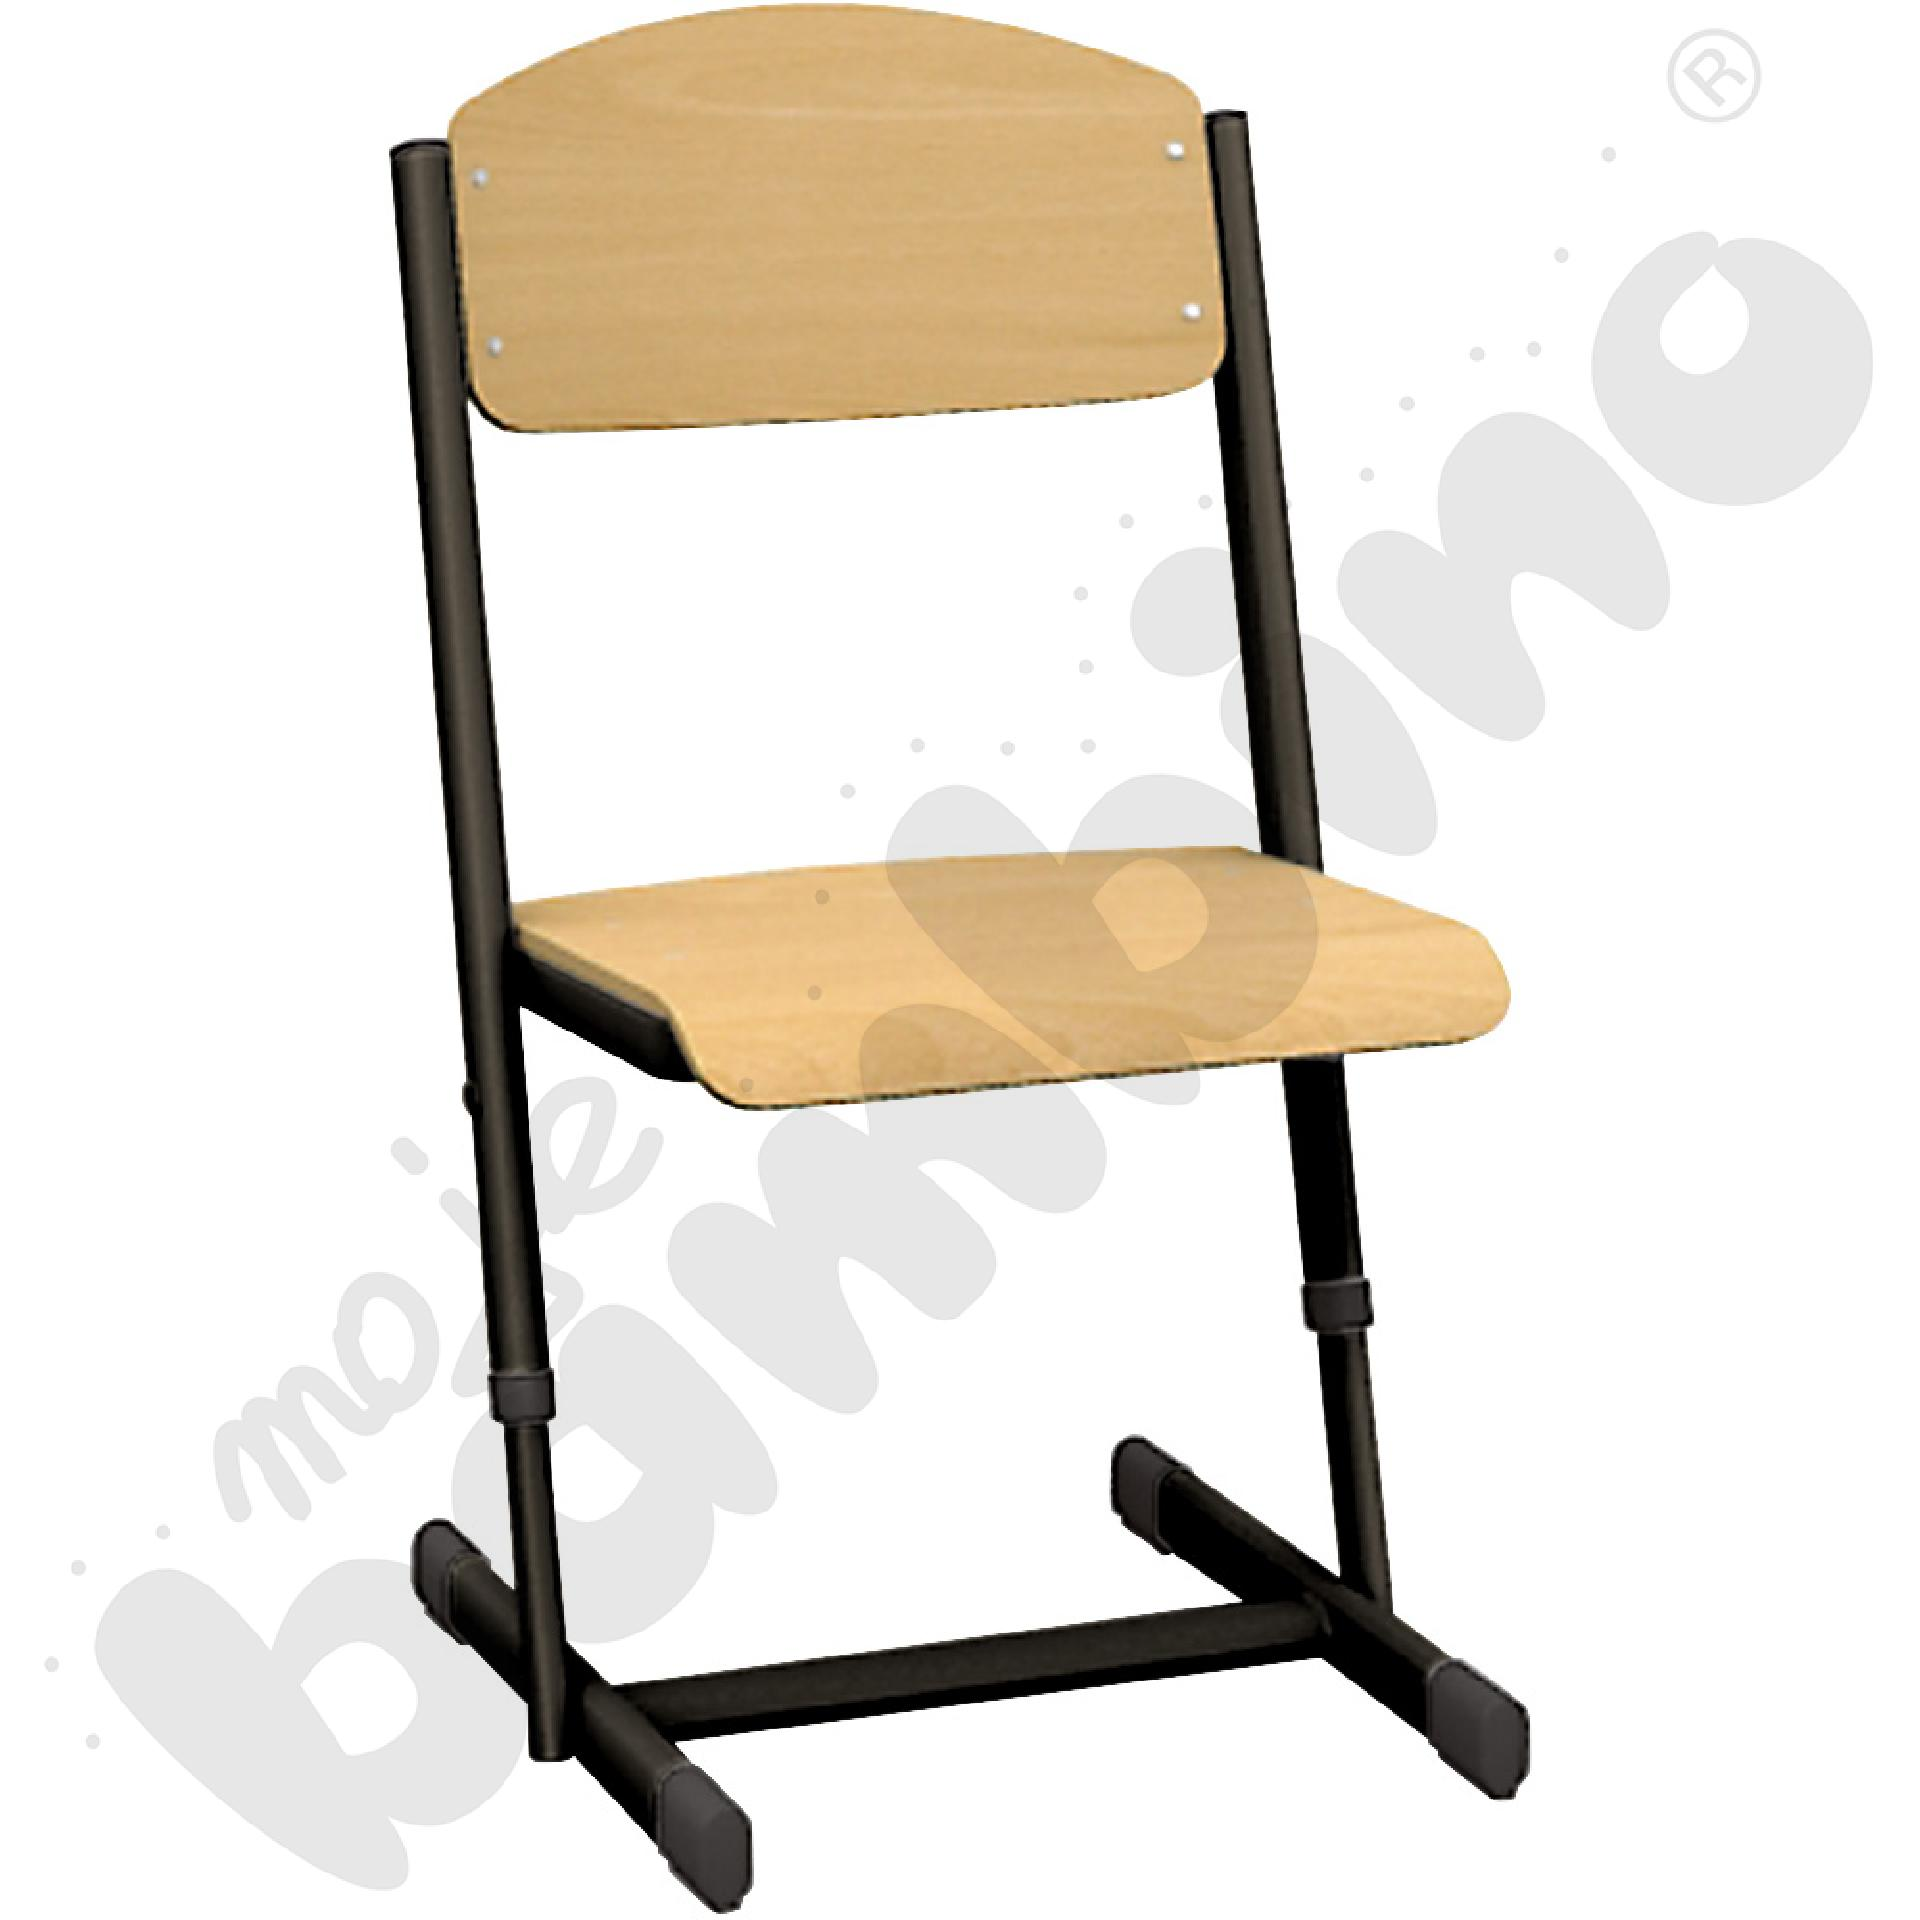 Krzesło T z regulowaną wysokoscią rozm. 5-6 czarne